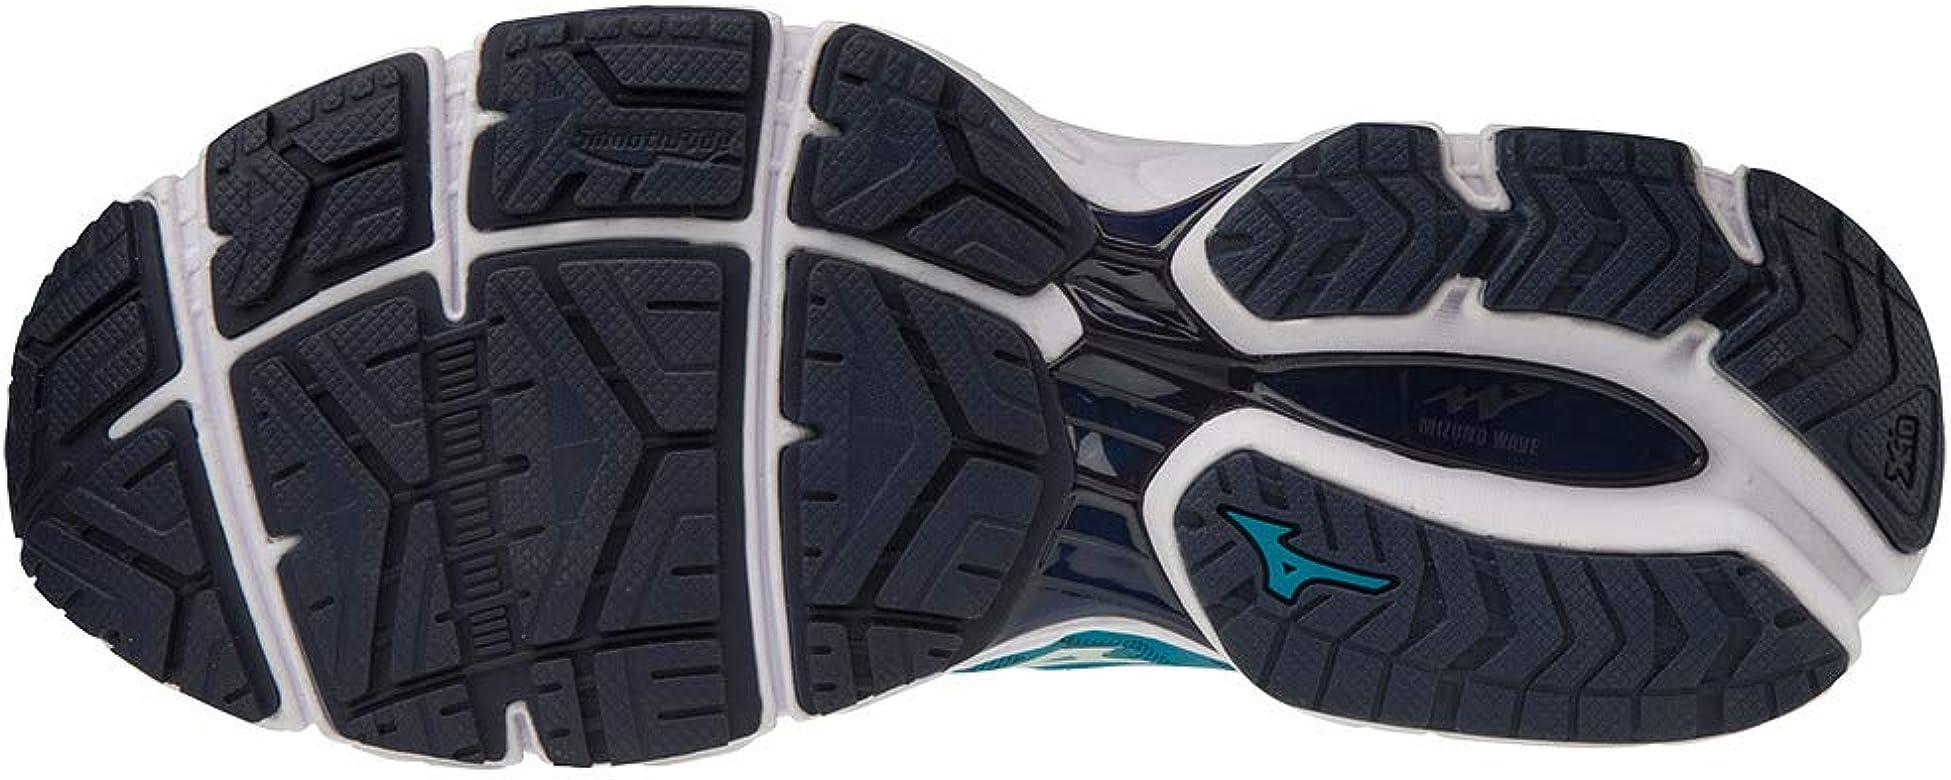 Mizuno Chausures Wave Ultima 11: Amazon.es: Zapatos y complementos